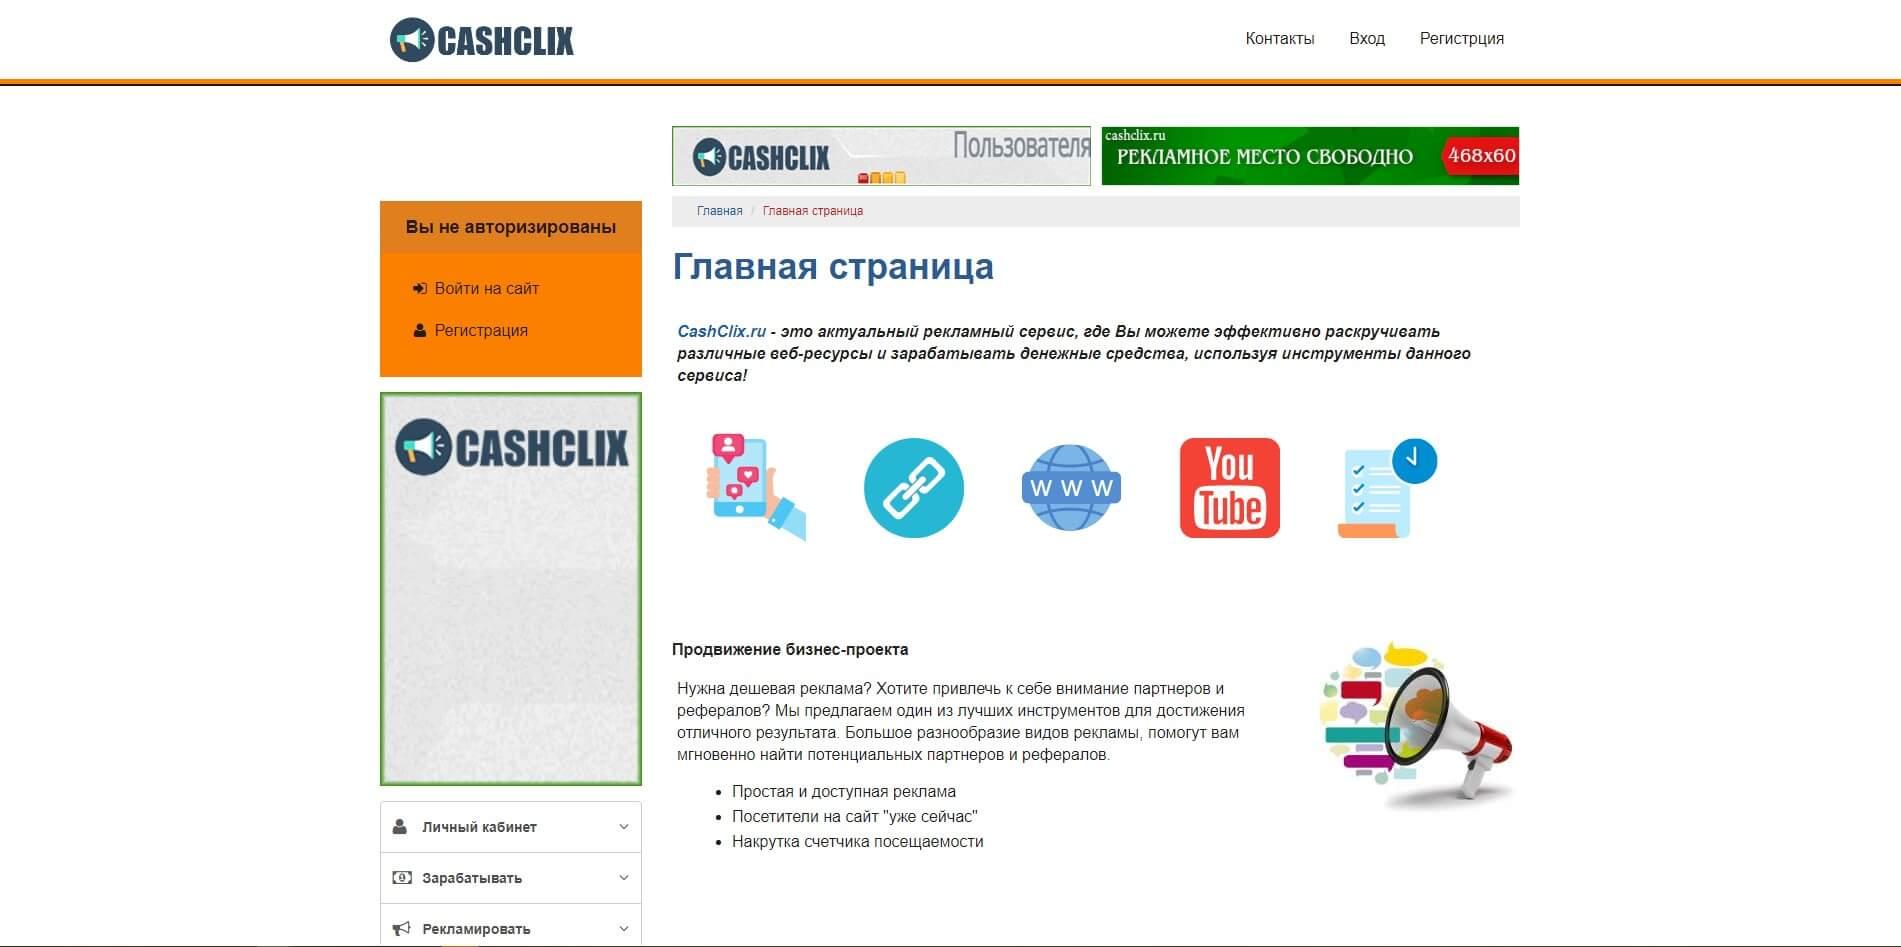 sajt-cashclix-ru-glavnaya-stranicza